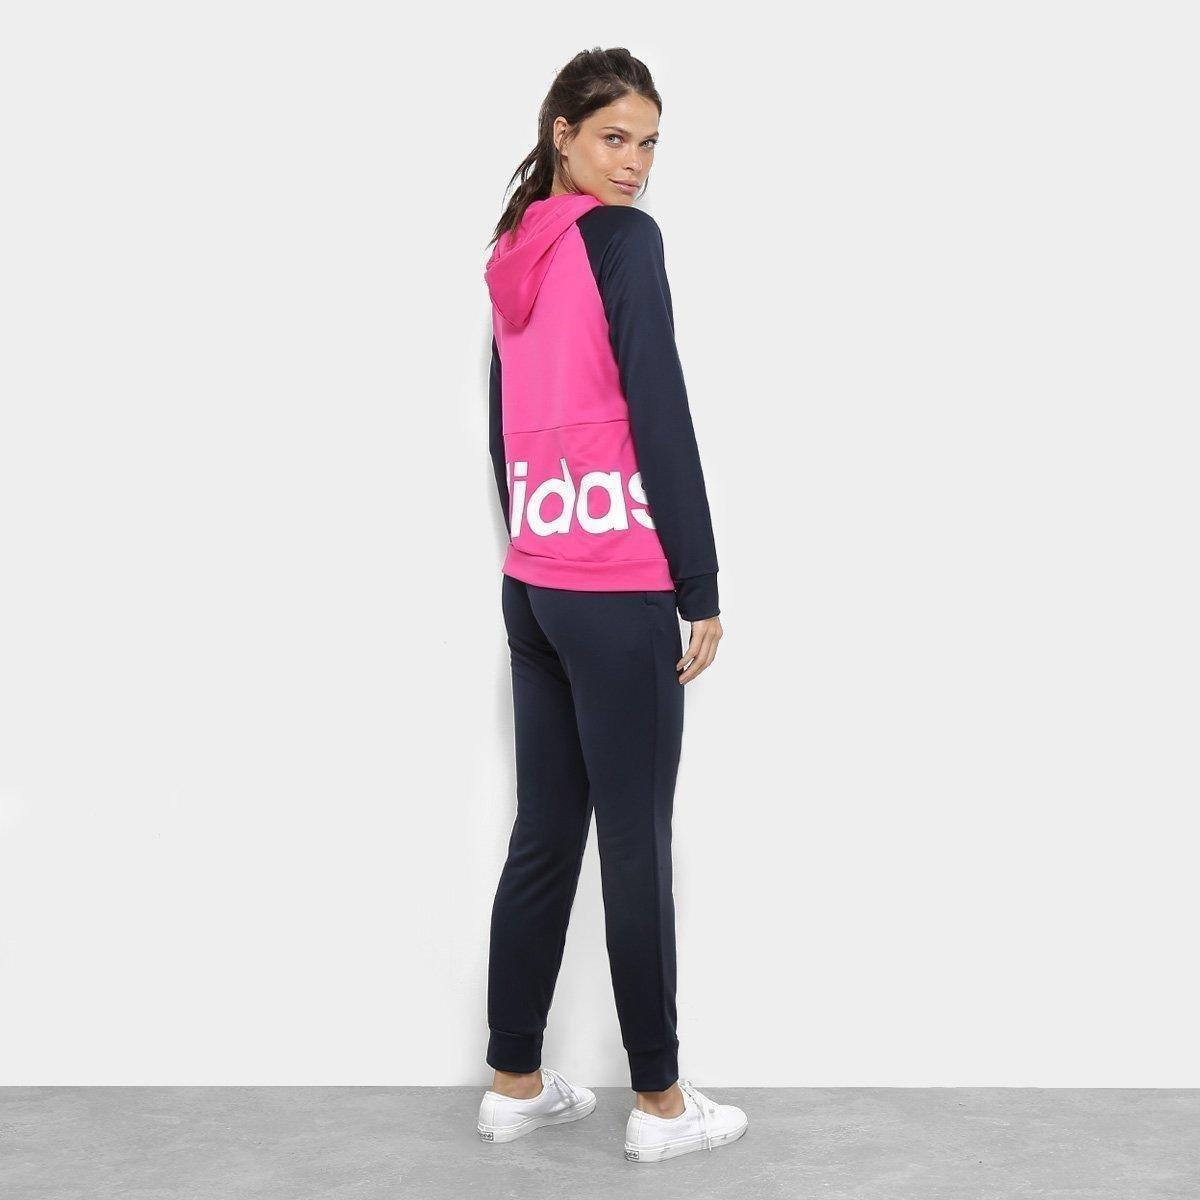 66642c6f33 Foto 2 - Agasalho Adidas Detalhe Logo WTS Lin Hood Feminino